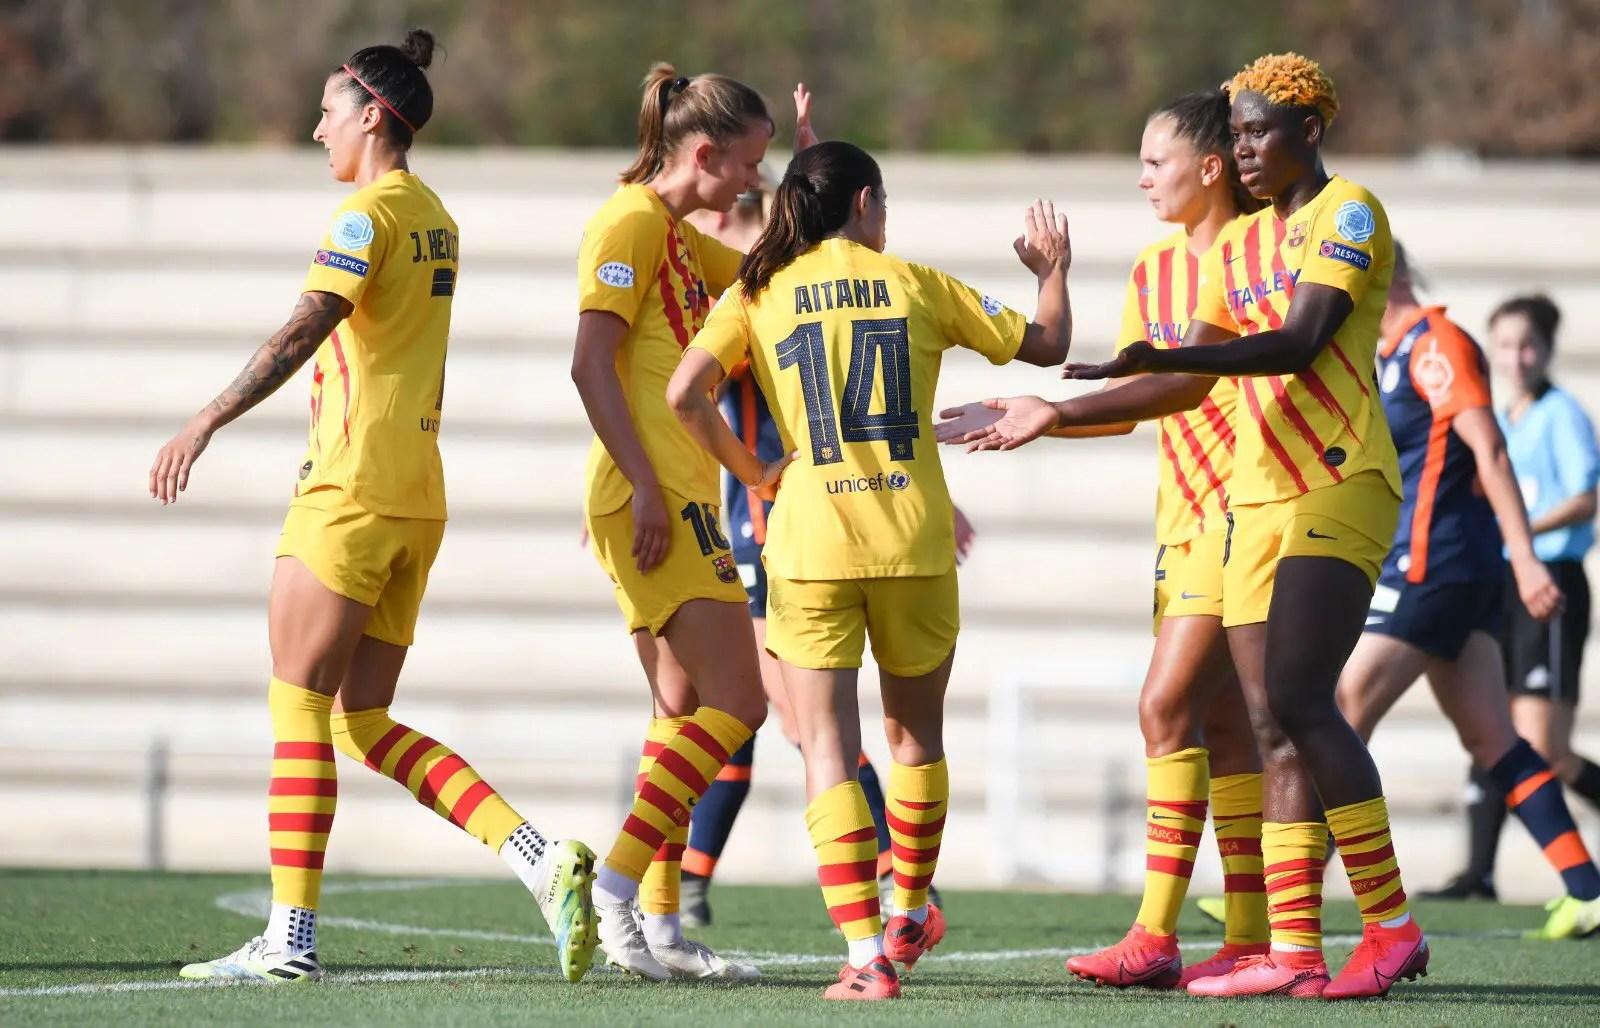 Oshoala On Target Again In Barcelona Women's Win Vs Montpellier In Friendly Game